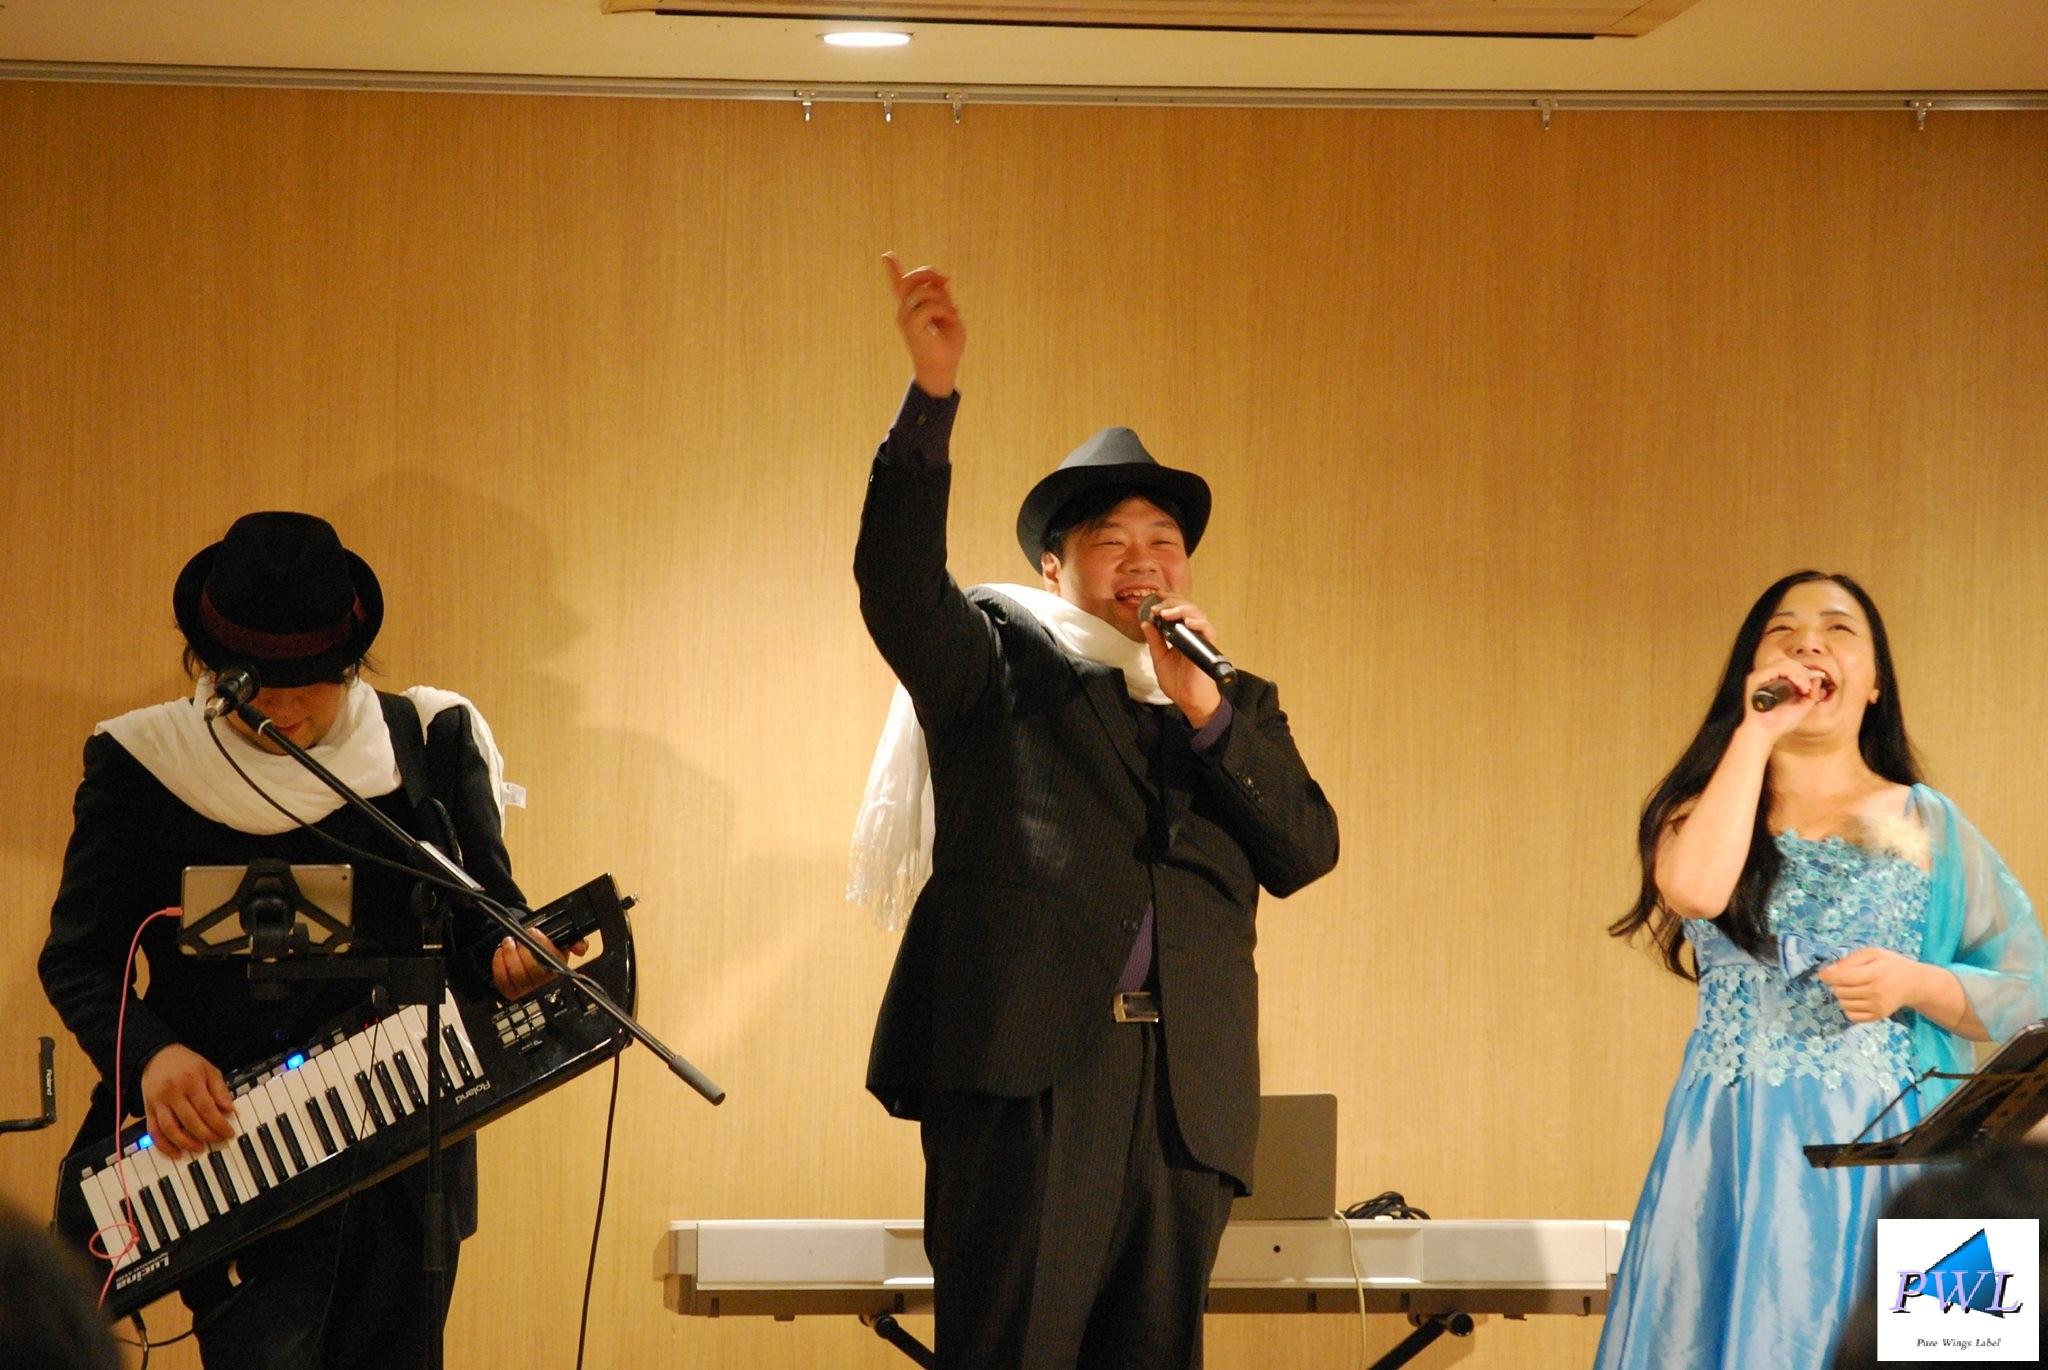 歌って笑って元気になろう♪【認知症予防 歌のつどい】11/27開催!